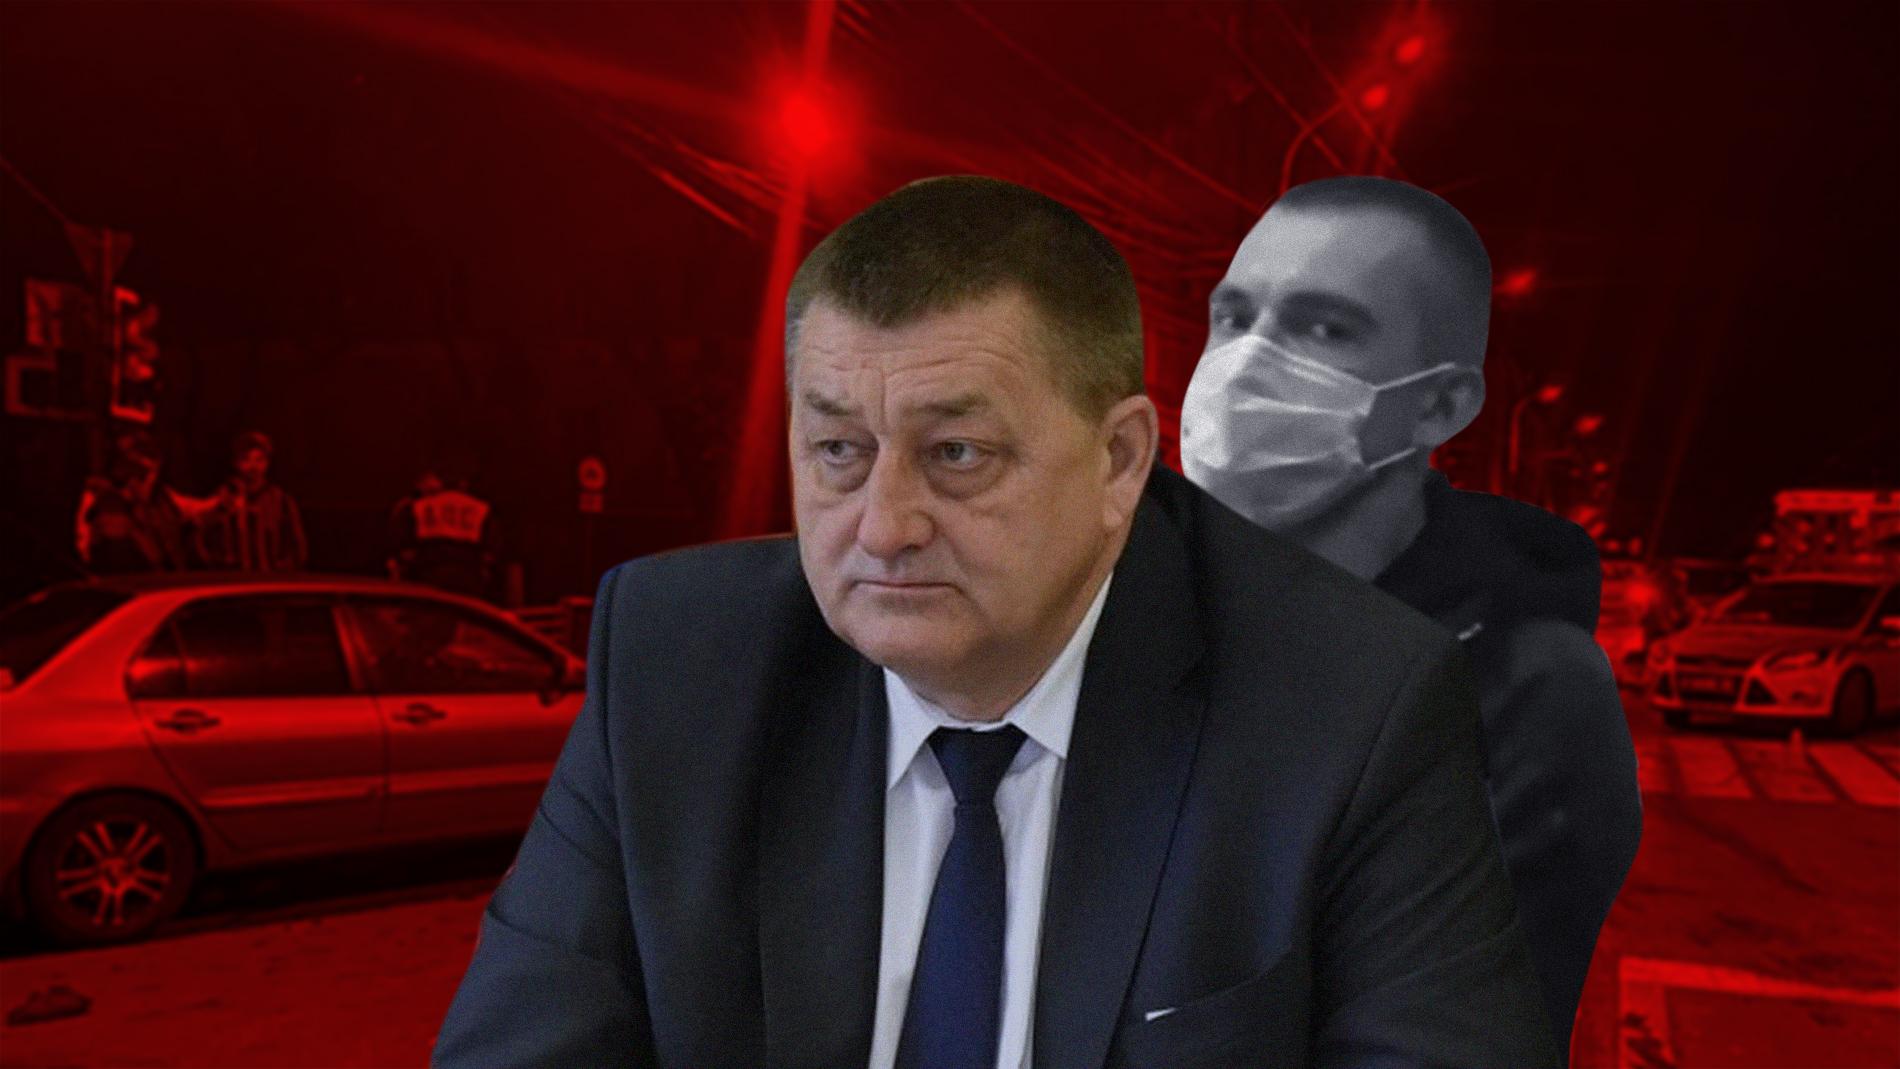 Преступление и наказание. Сын бывшего вице-губернатора Брянской области получил за смертельное ДТП шесть с половиной лет